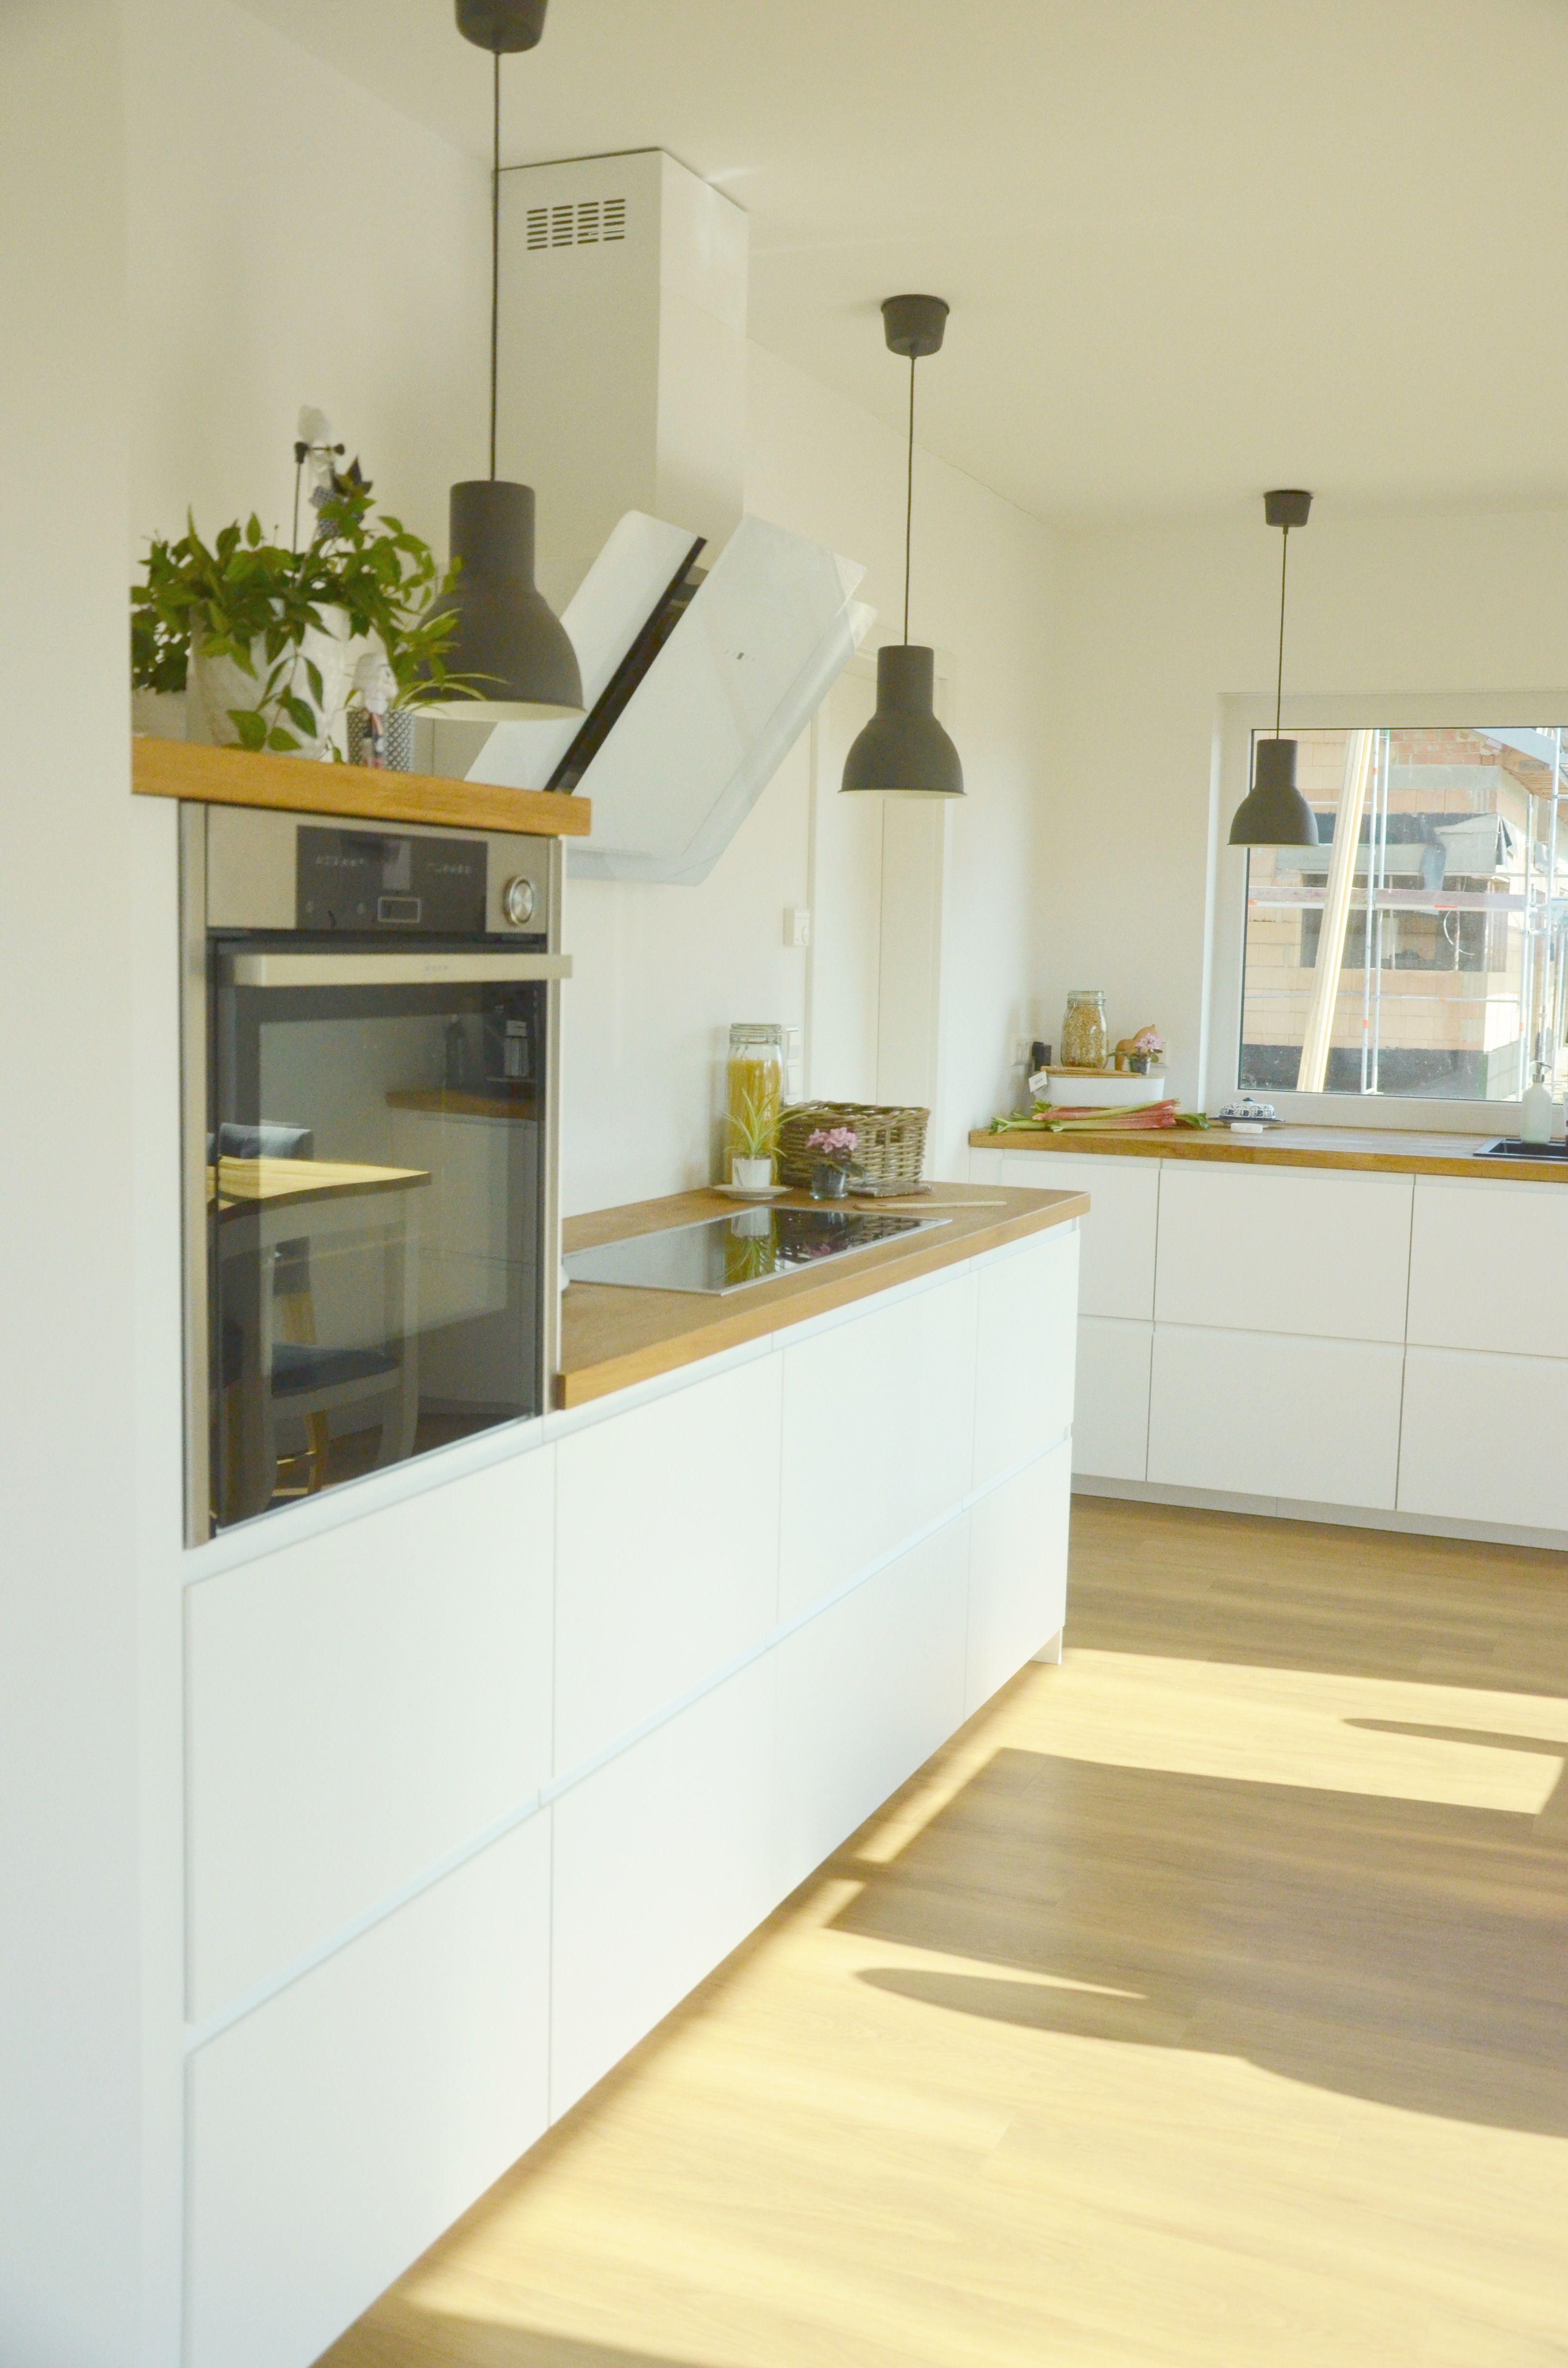 Einfache schicke Küche  Küche  Pinterest  Kitchen Kitchen decor